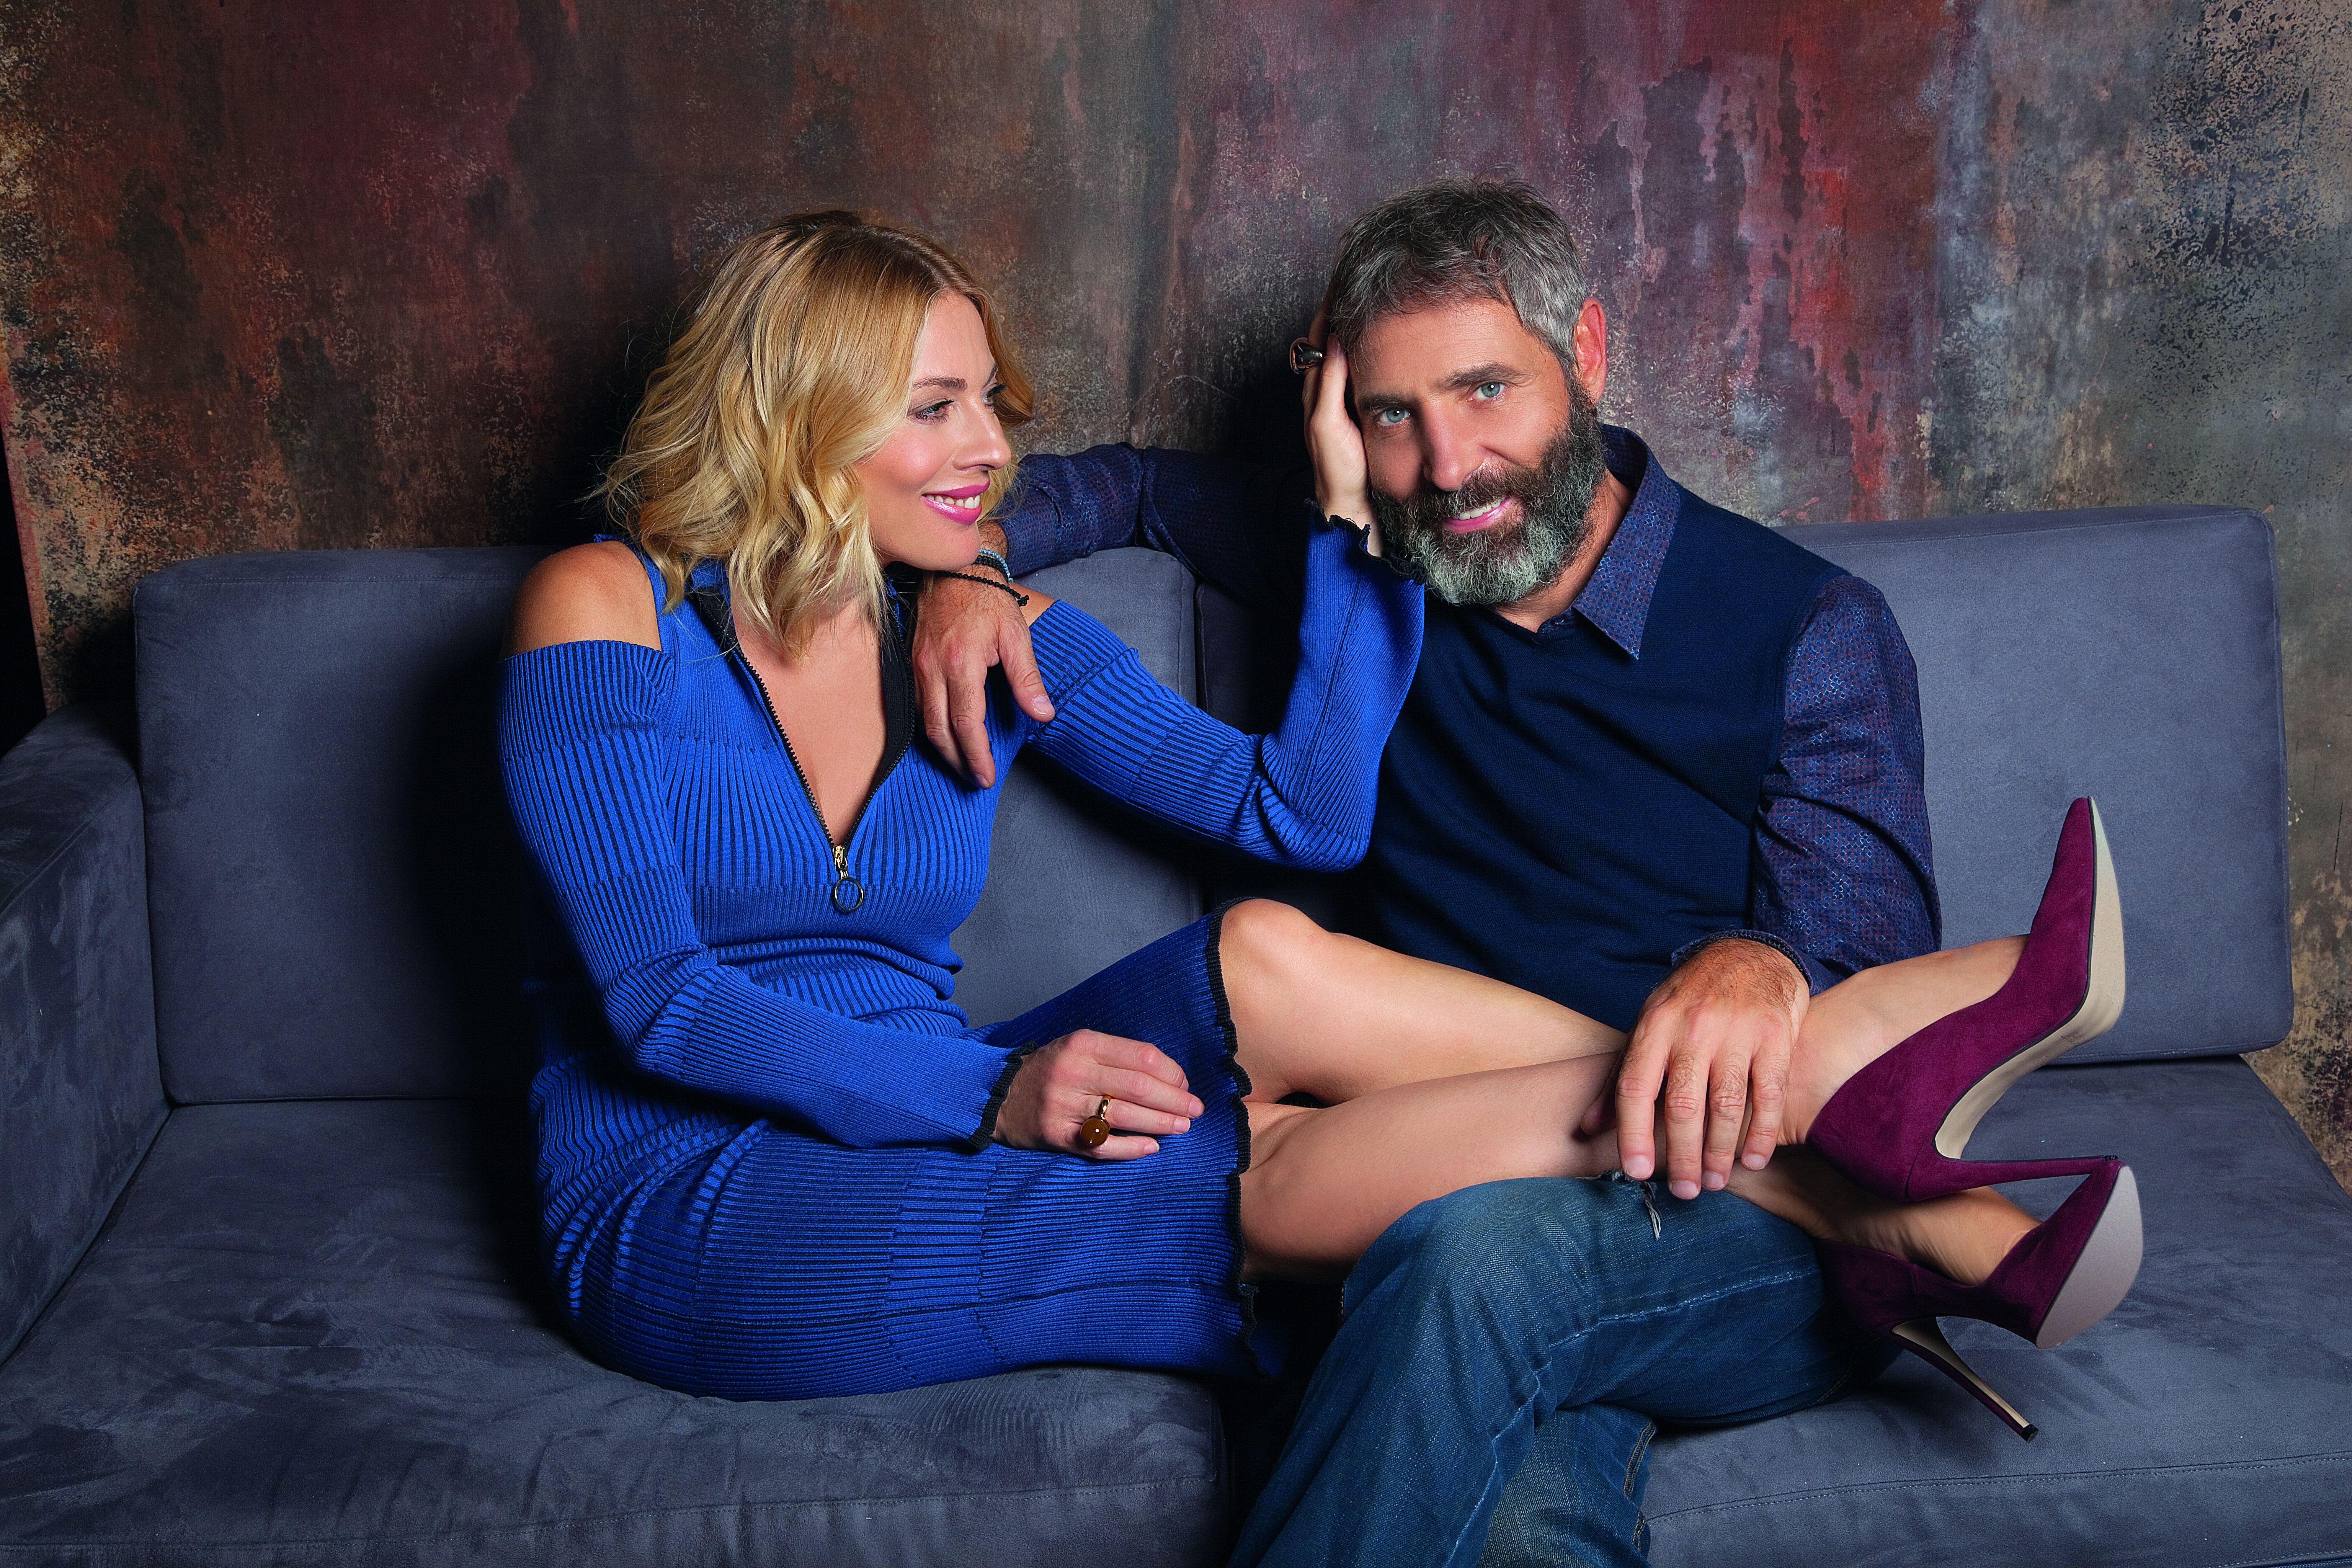 επιτυχημένα προφίλ για online dating dating με σαφορντσάιρ